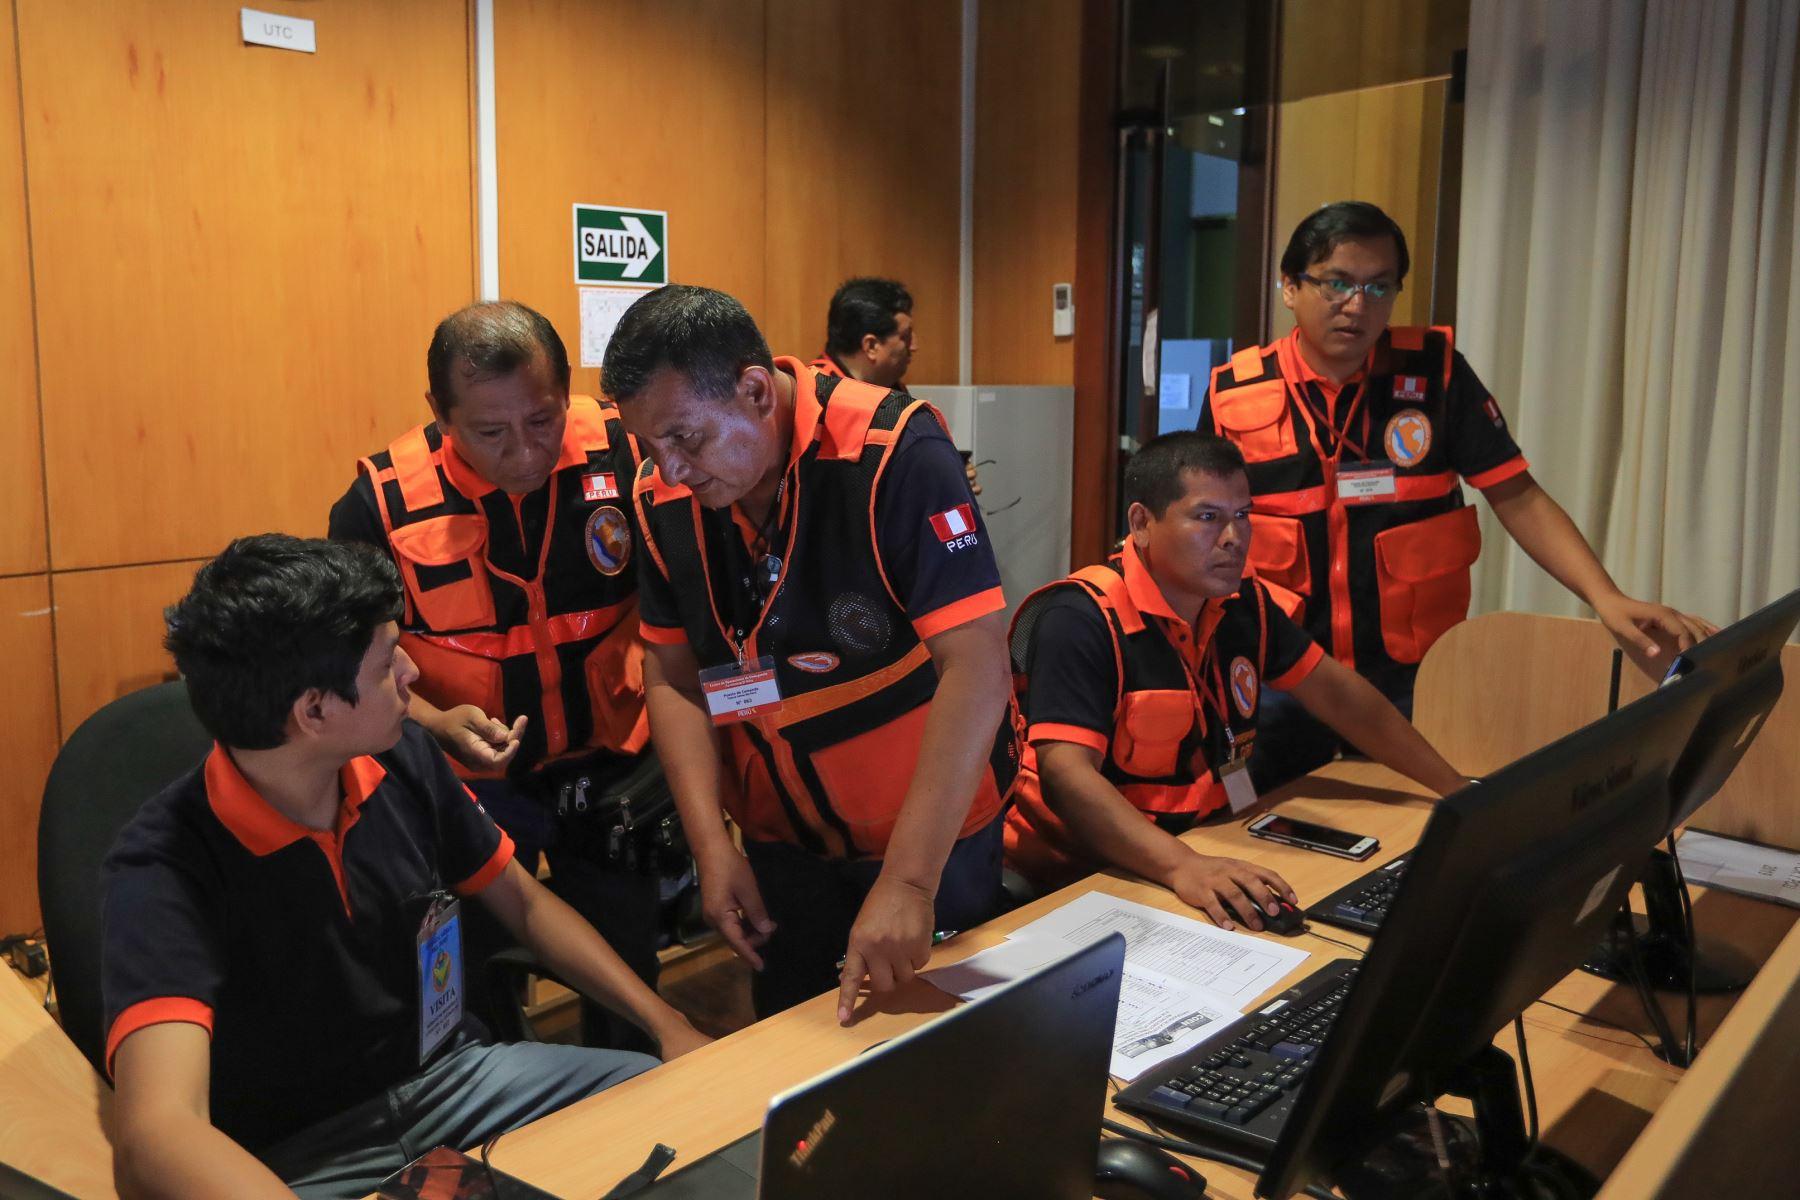 Jefe de Estado preside reunión del Consejo Nacional de Riesgo de Desastres (Conagerd). Foto: ANDINA/Prensa Presidencia